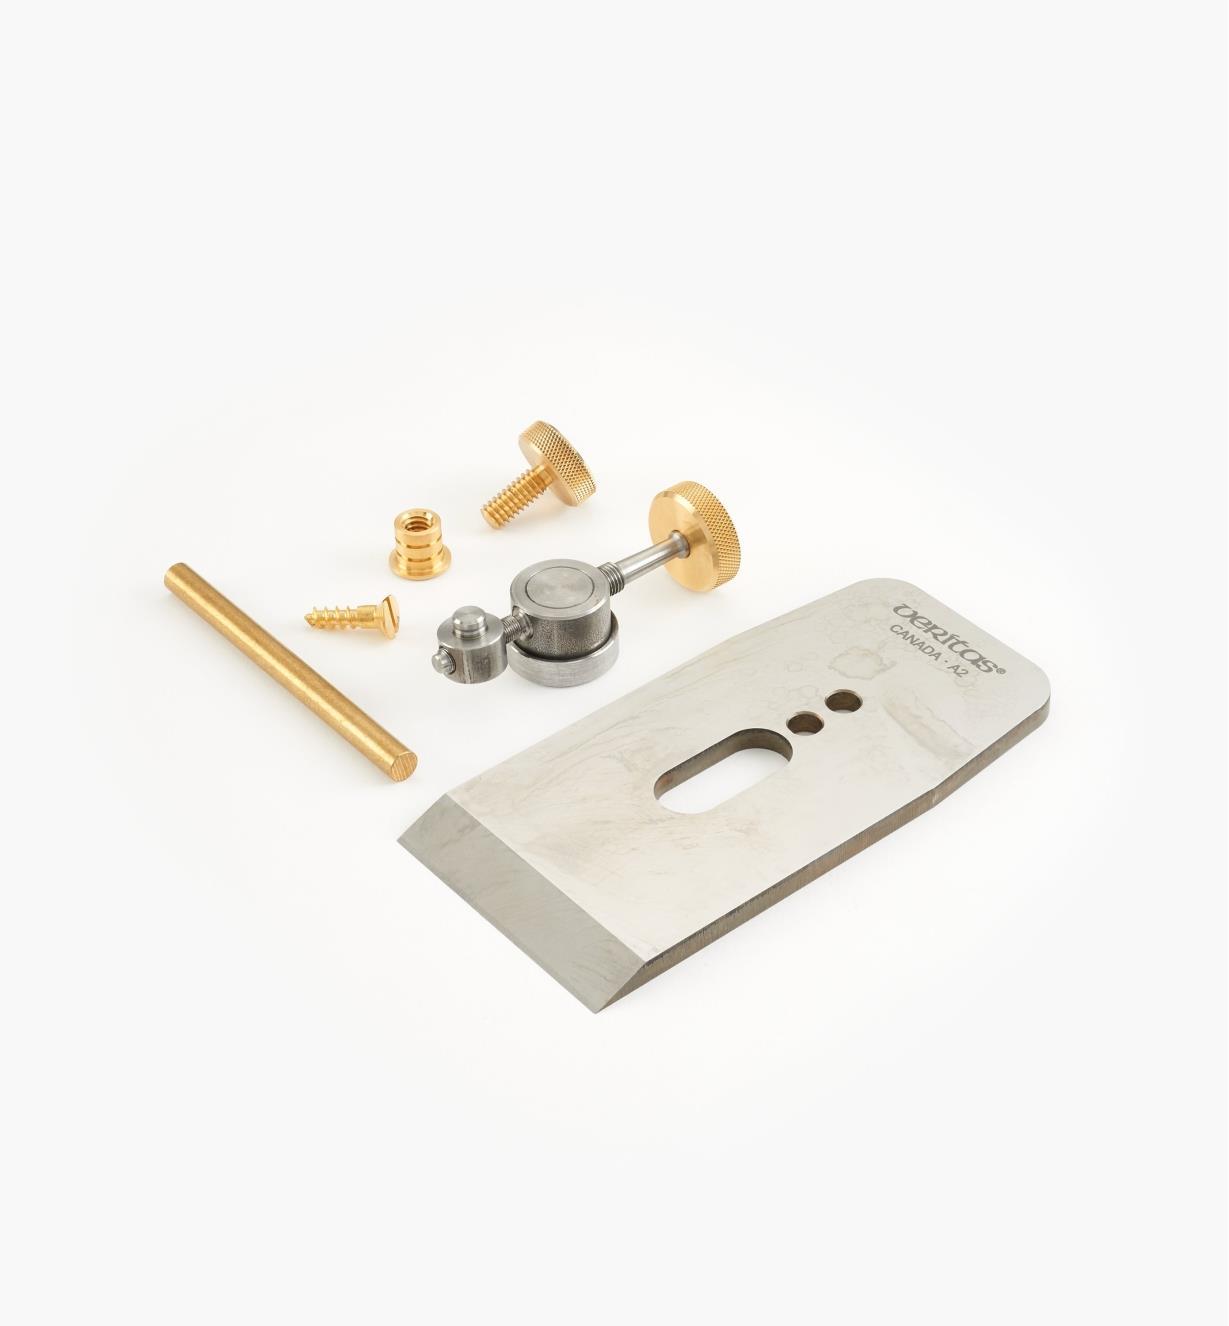 """05P4061 - Veritas 2 1/4"""" Wooden Bench Plane Hardware Kit, A2 Blade"""